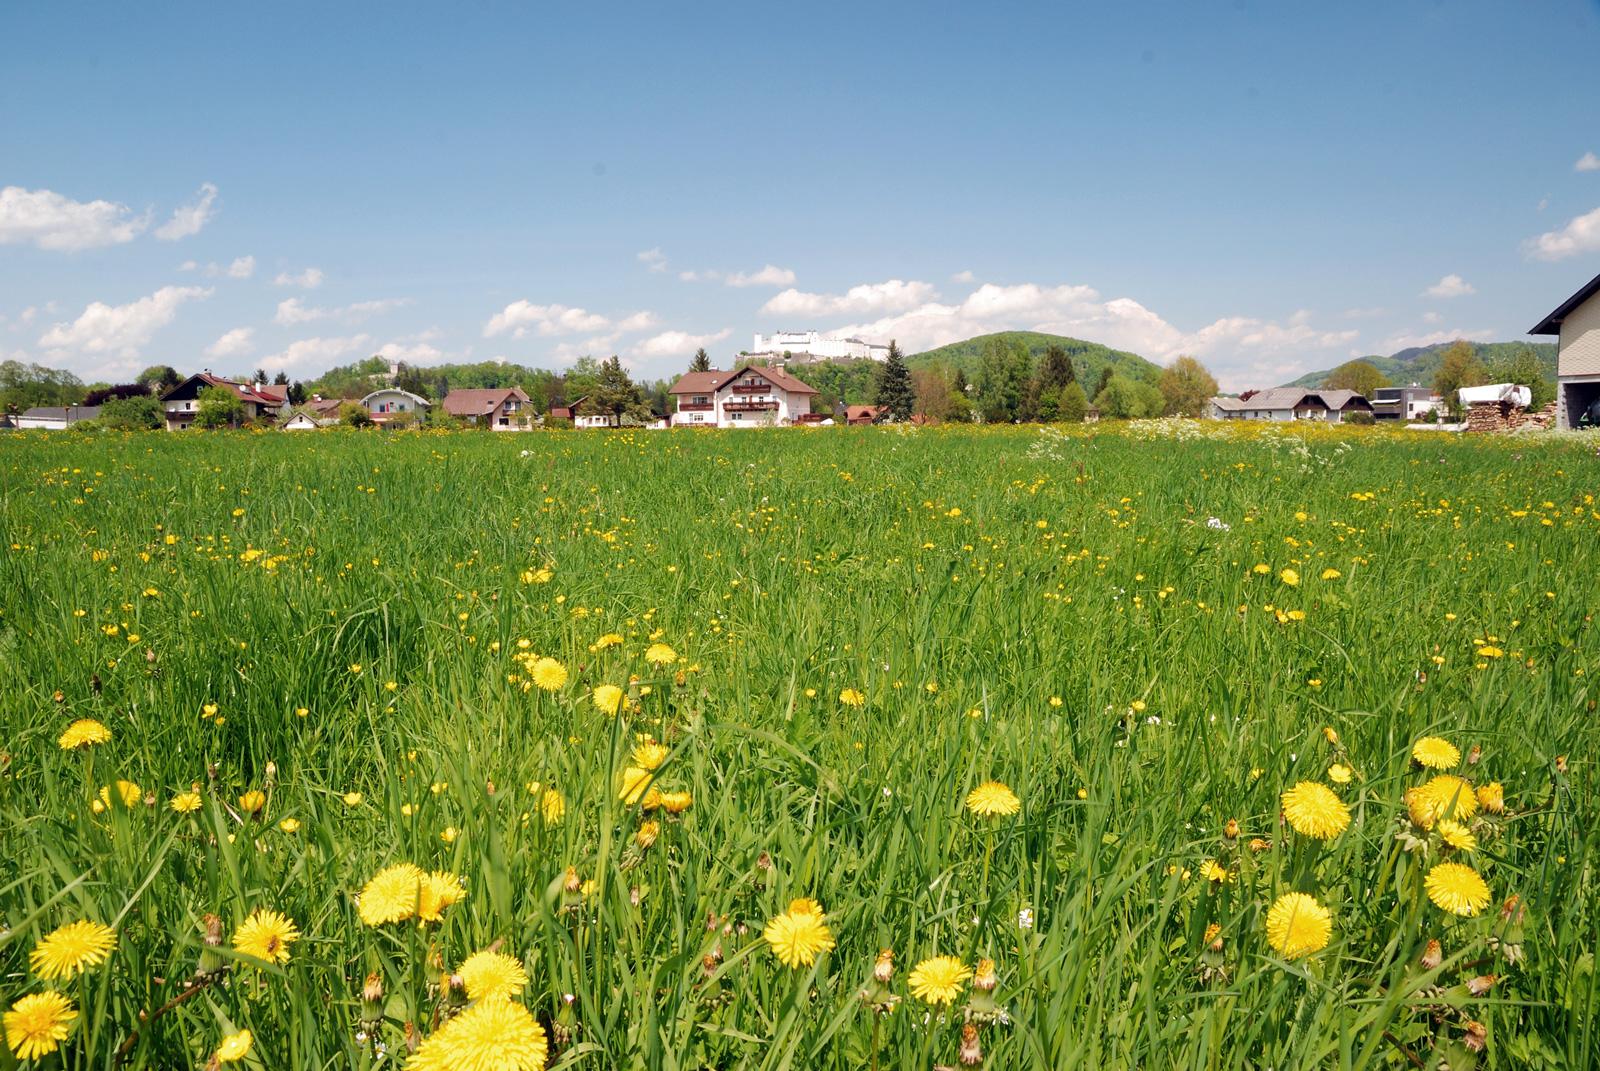 Wiese in der Nähe von Salzburg, im Hintergrund die Hohensalzburg